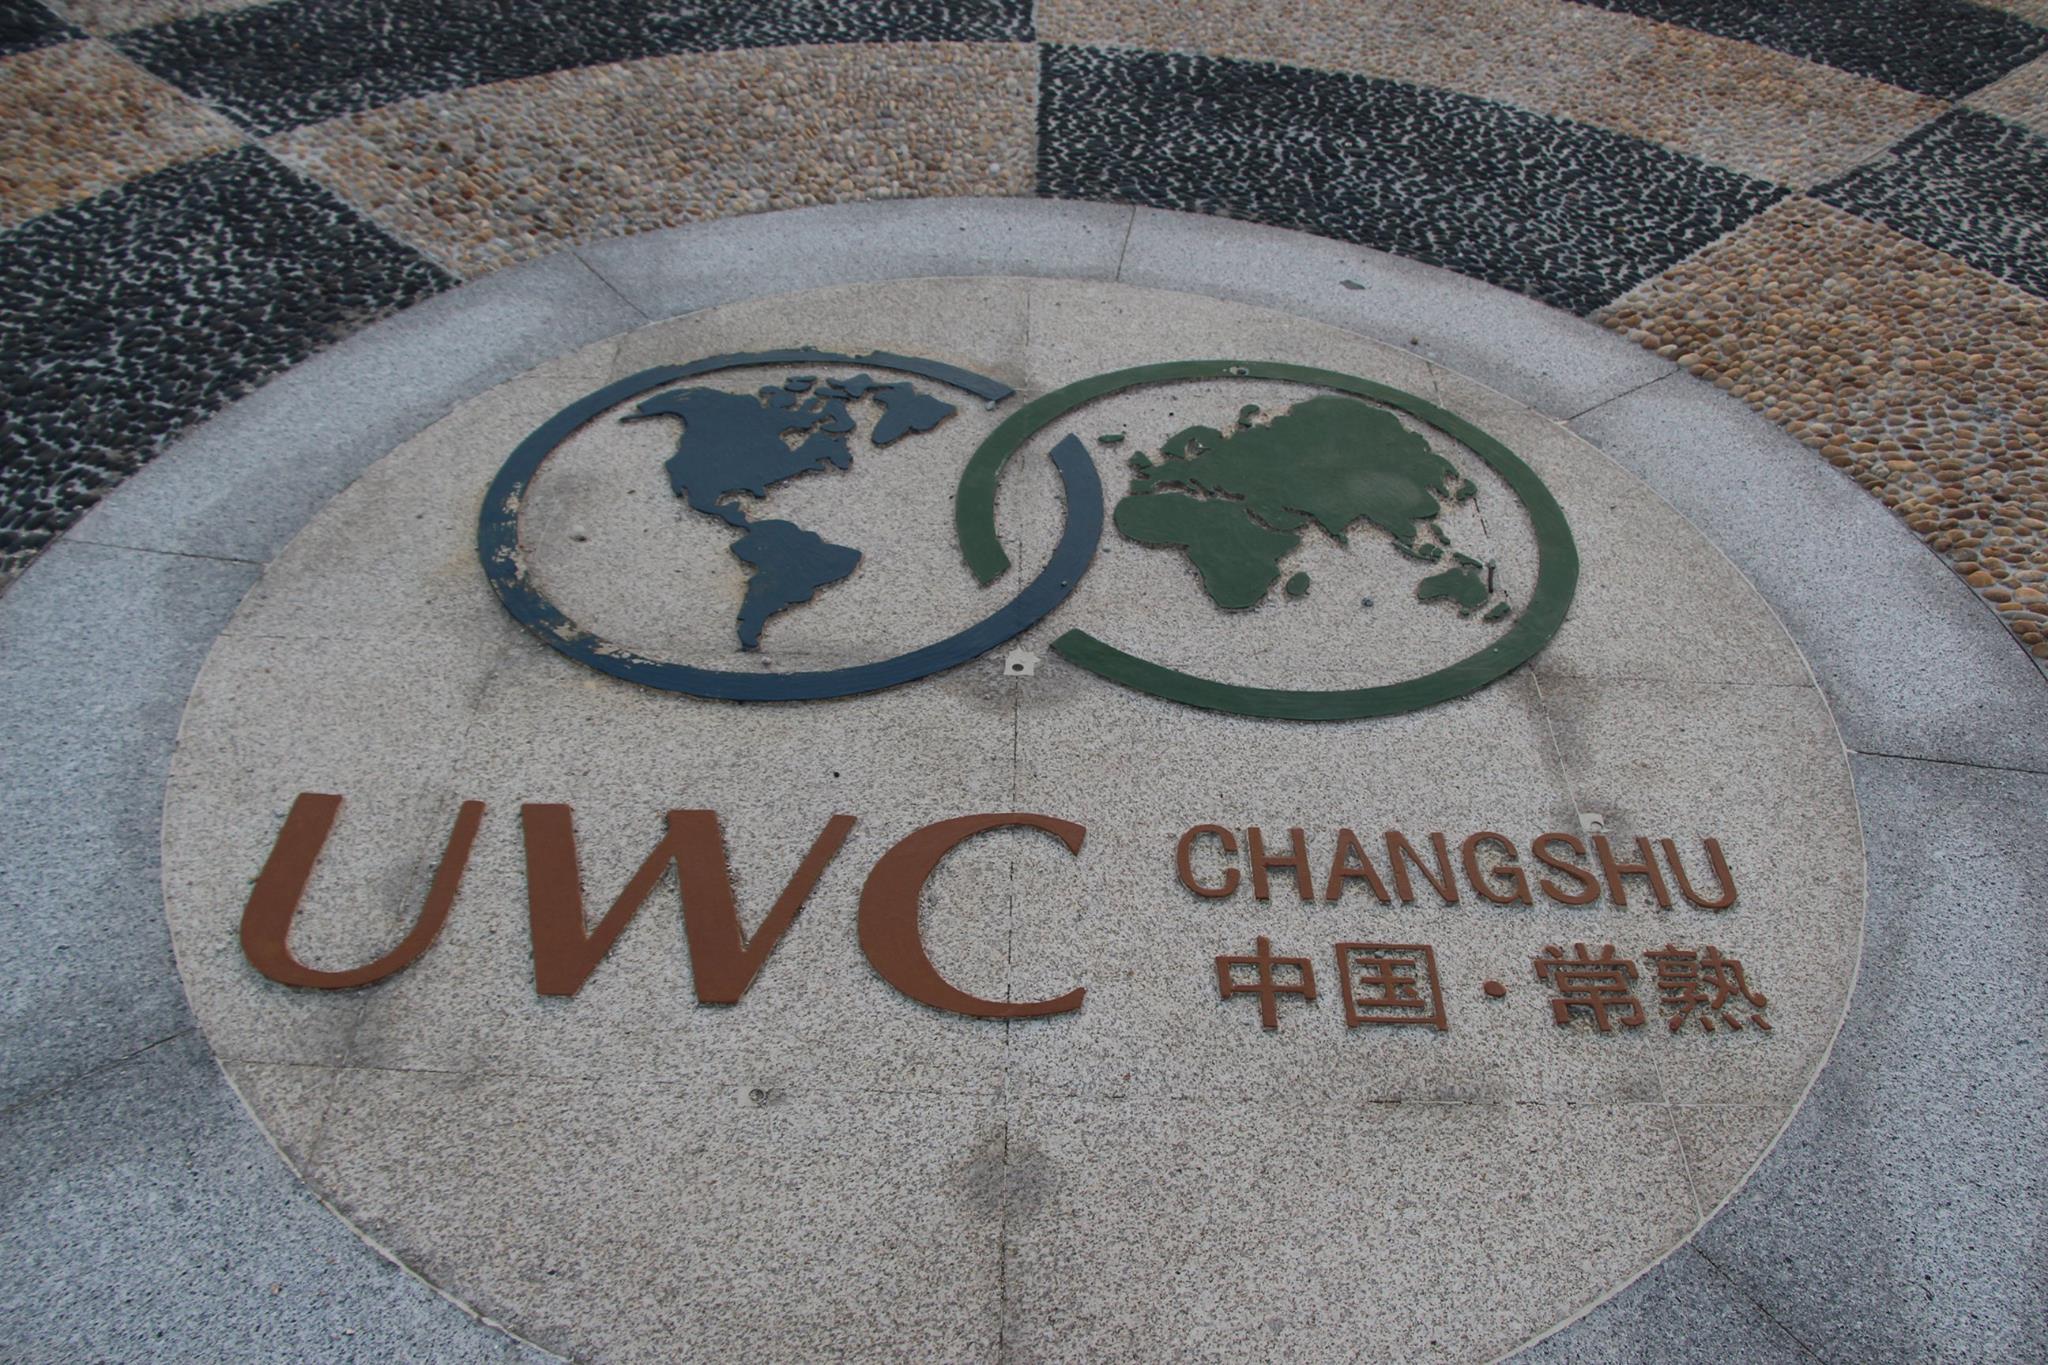 O lista cu lucrurile pe care le-am facut in prima luna de UWC China